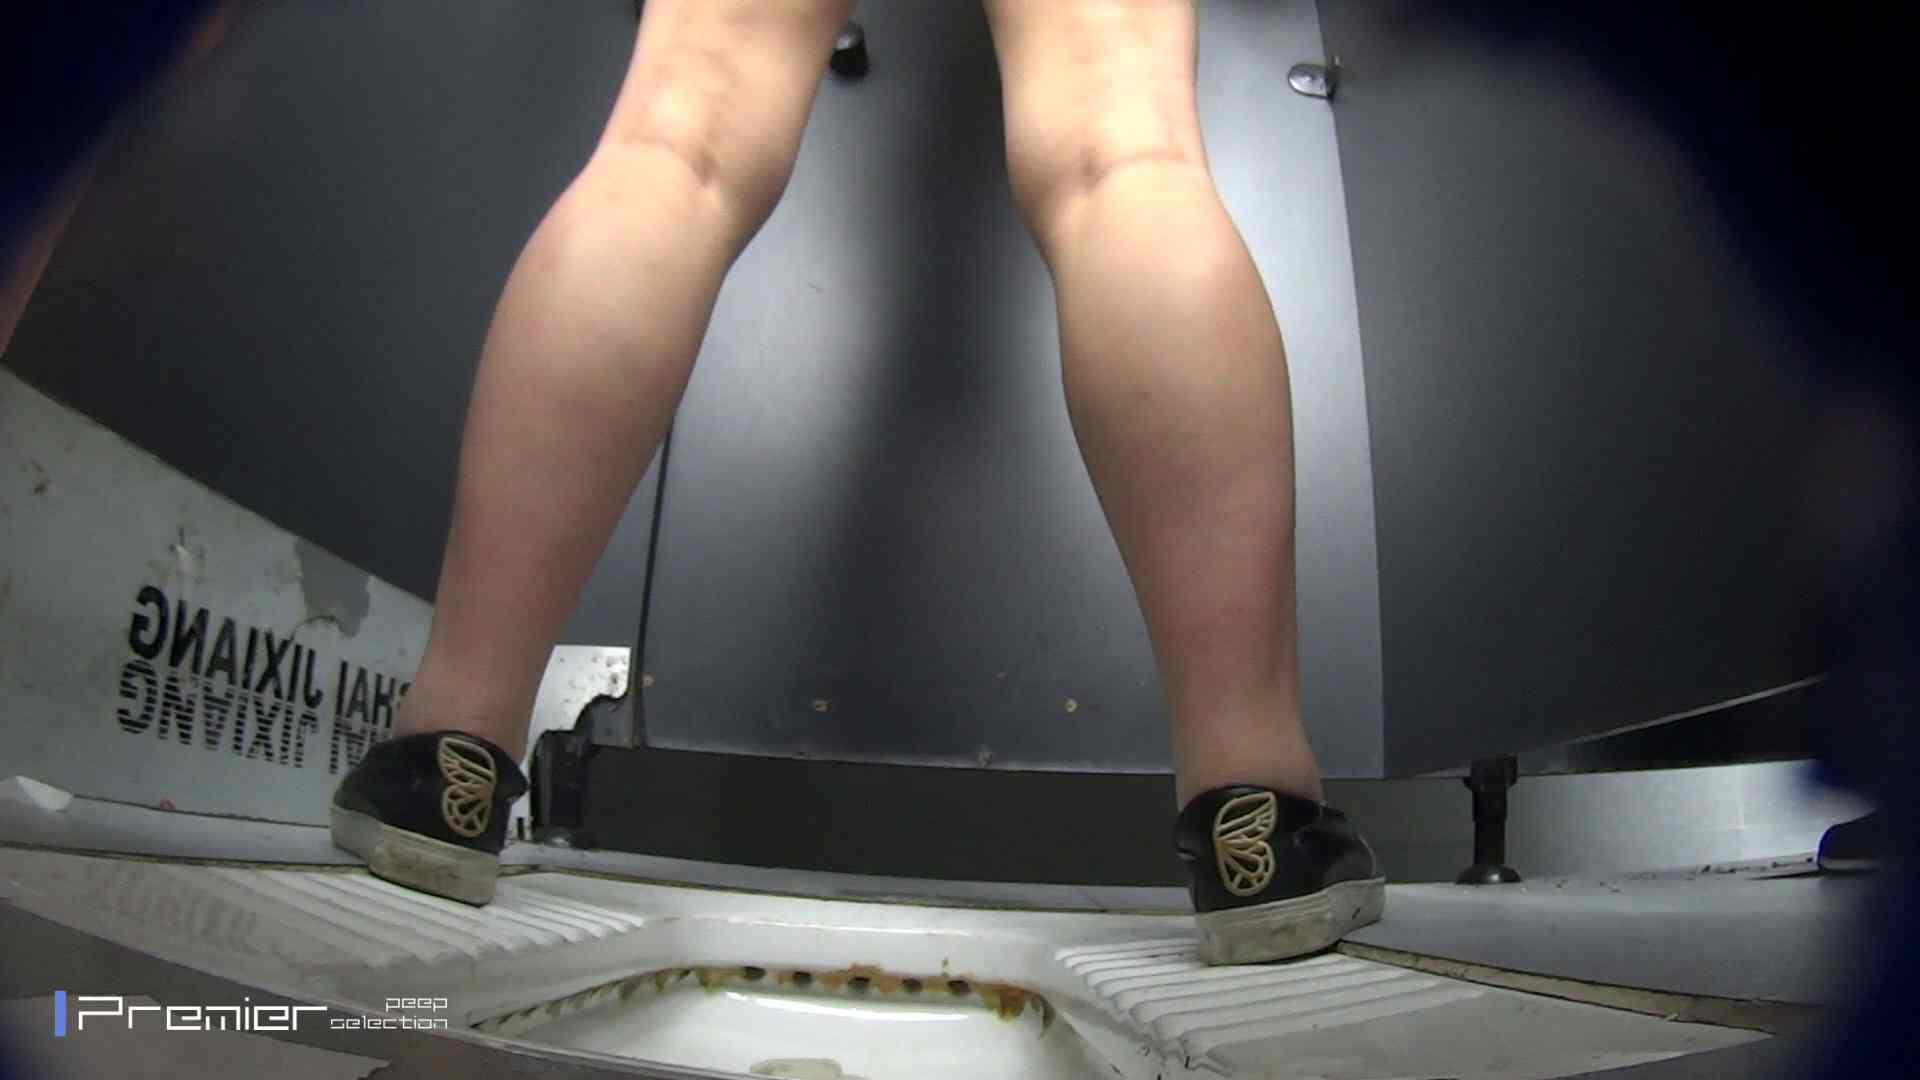 びゅーっと!オシッコ放出 大学休憩時間の洗面所事情47 高評価 オメコ動画キャプチャ 105画像 20